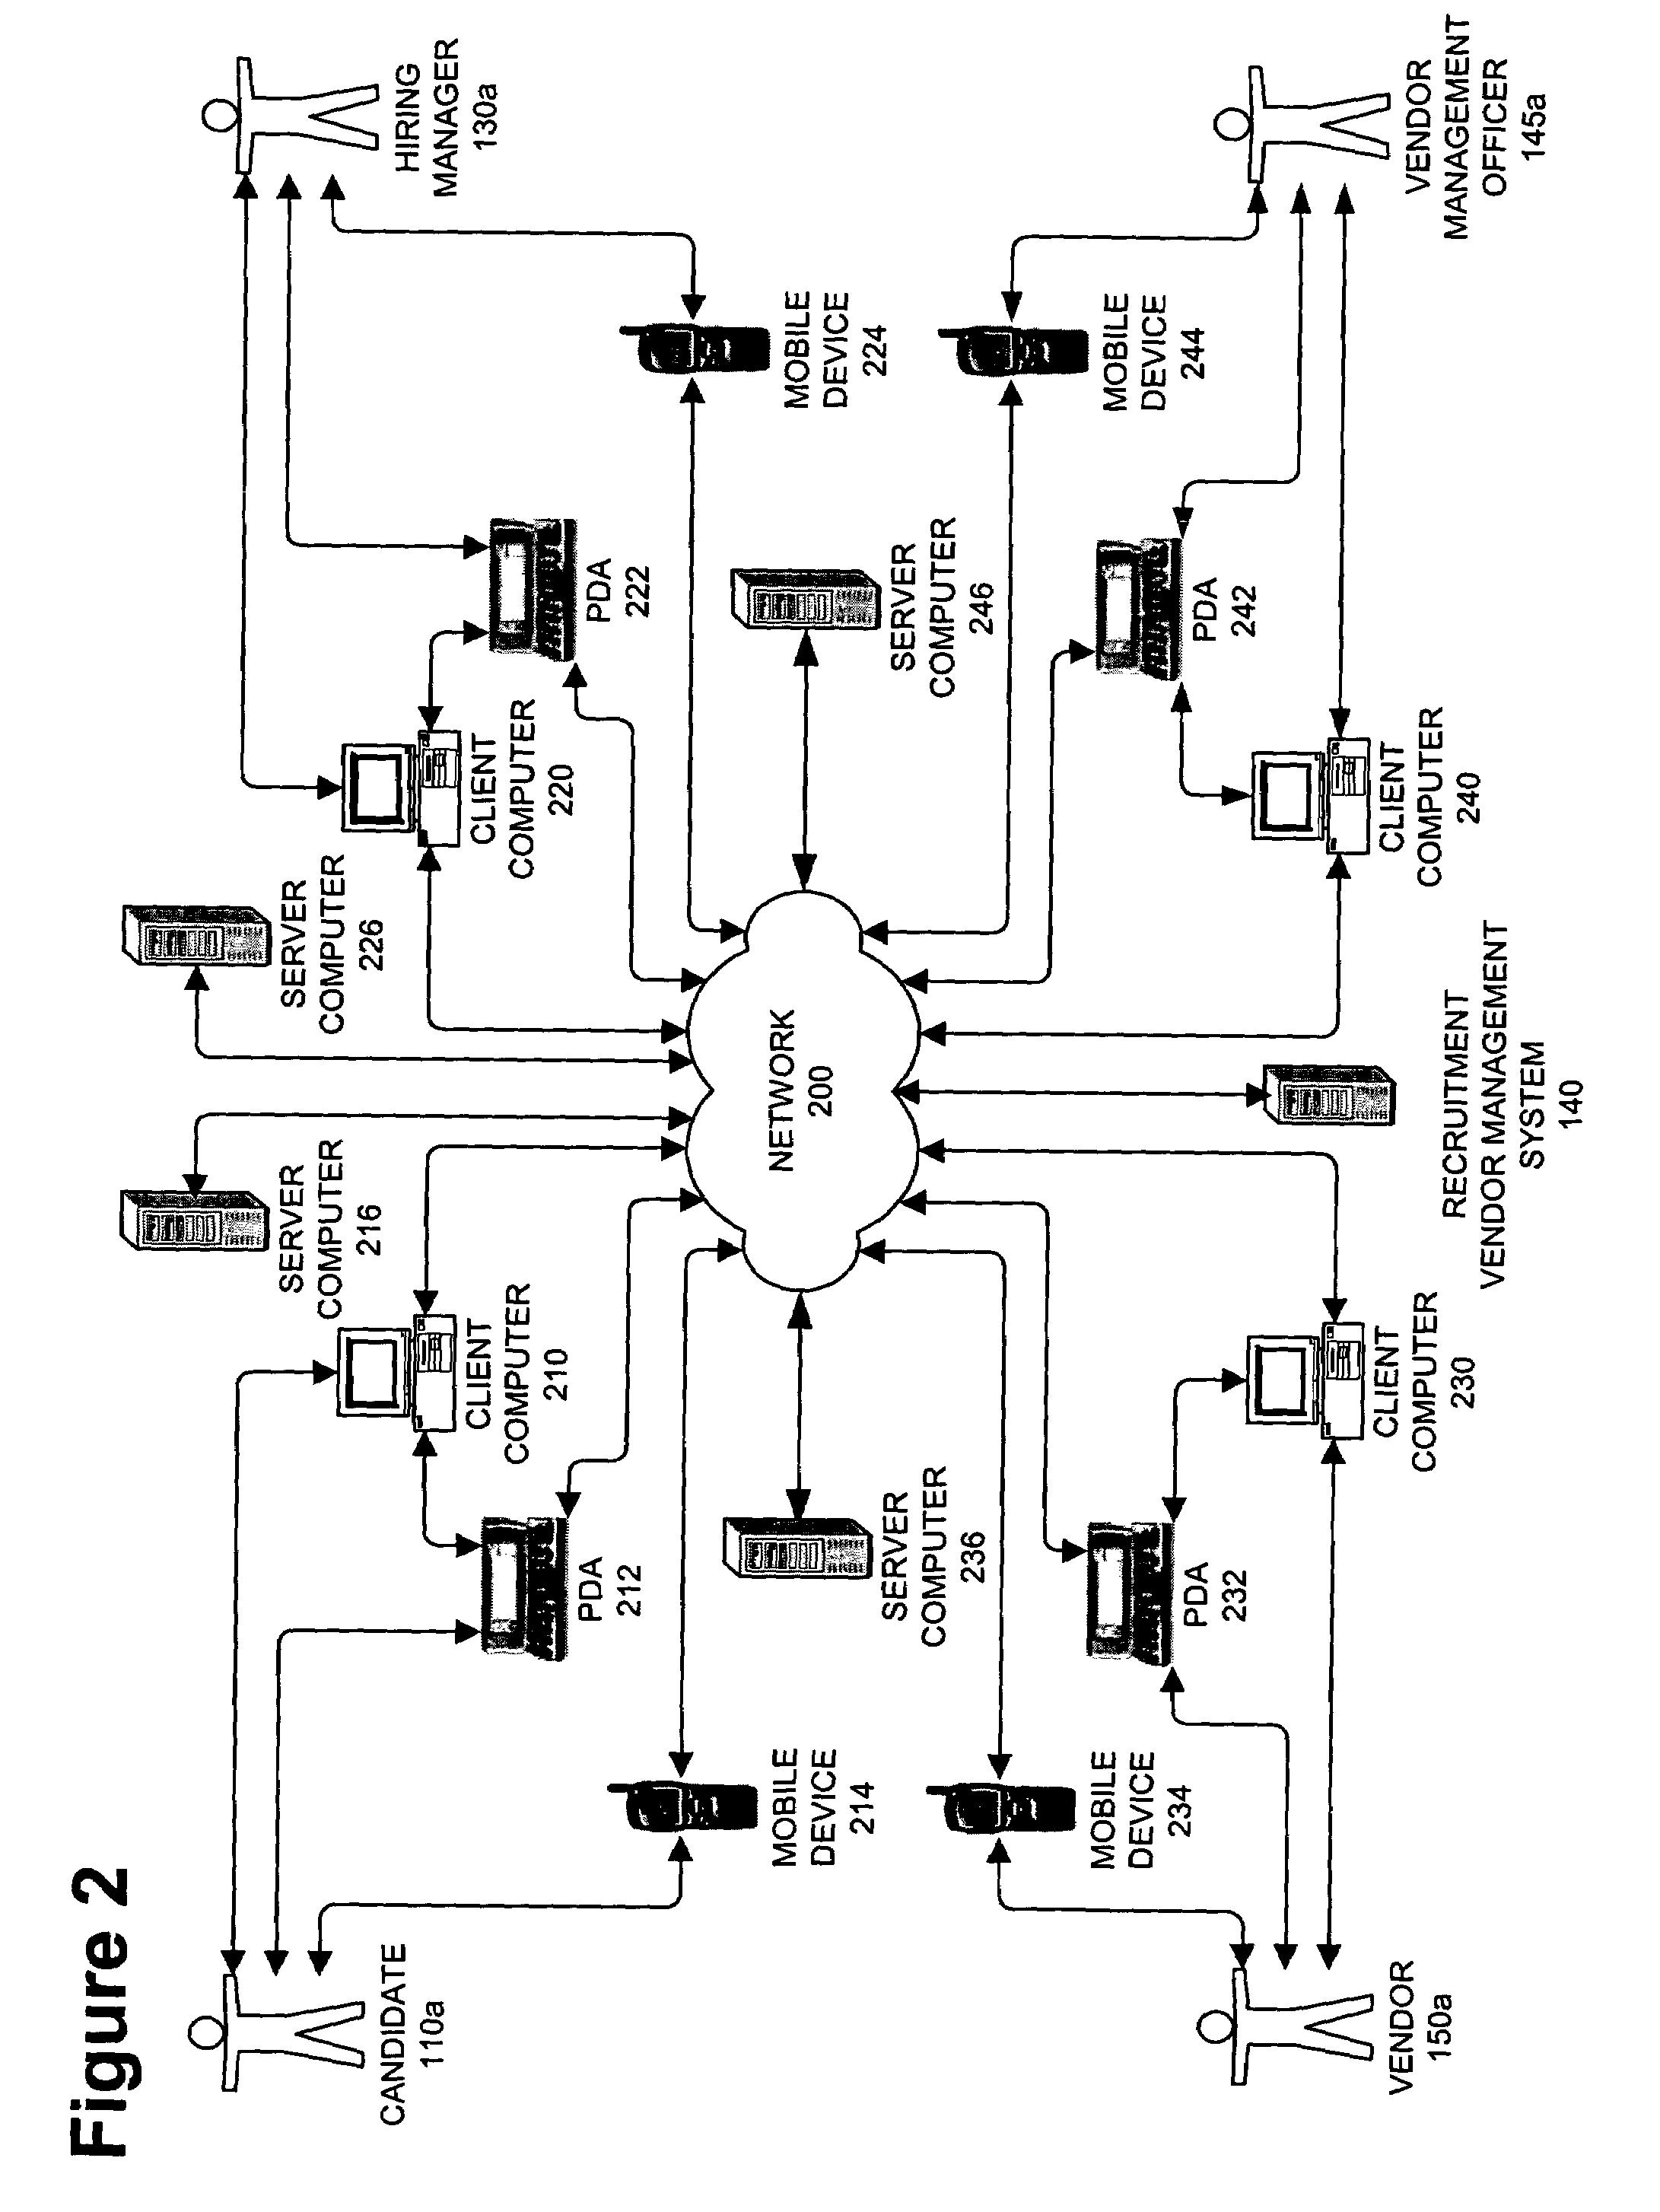 Patent US Recruitment vendor management system